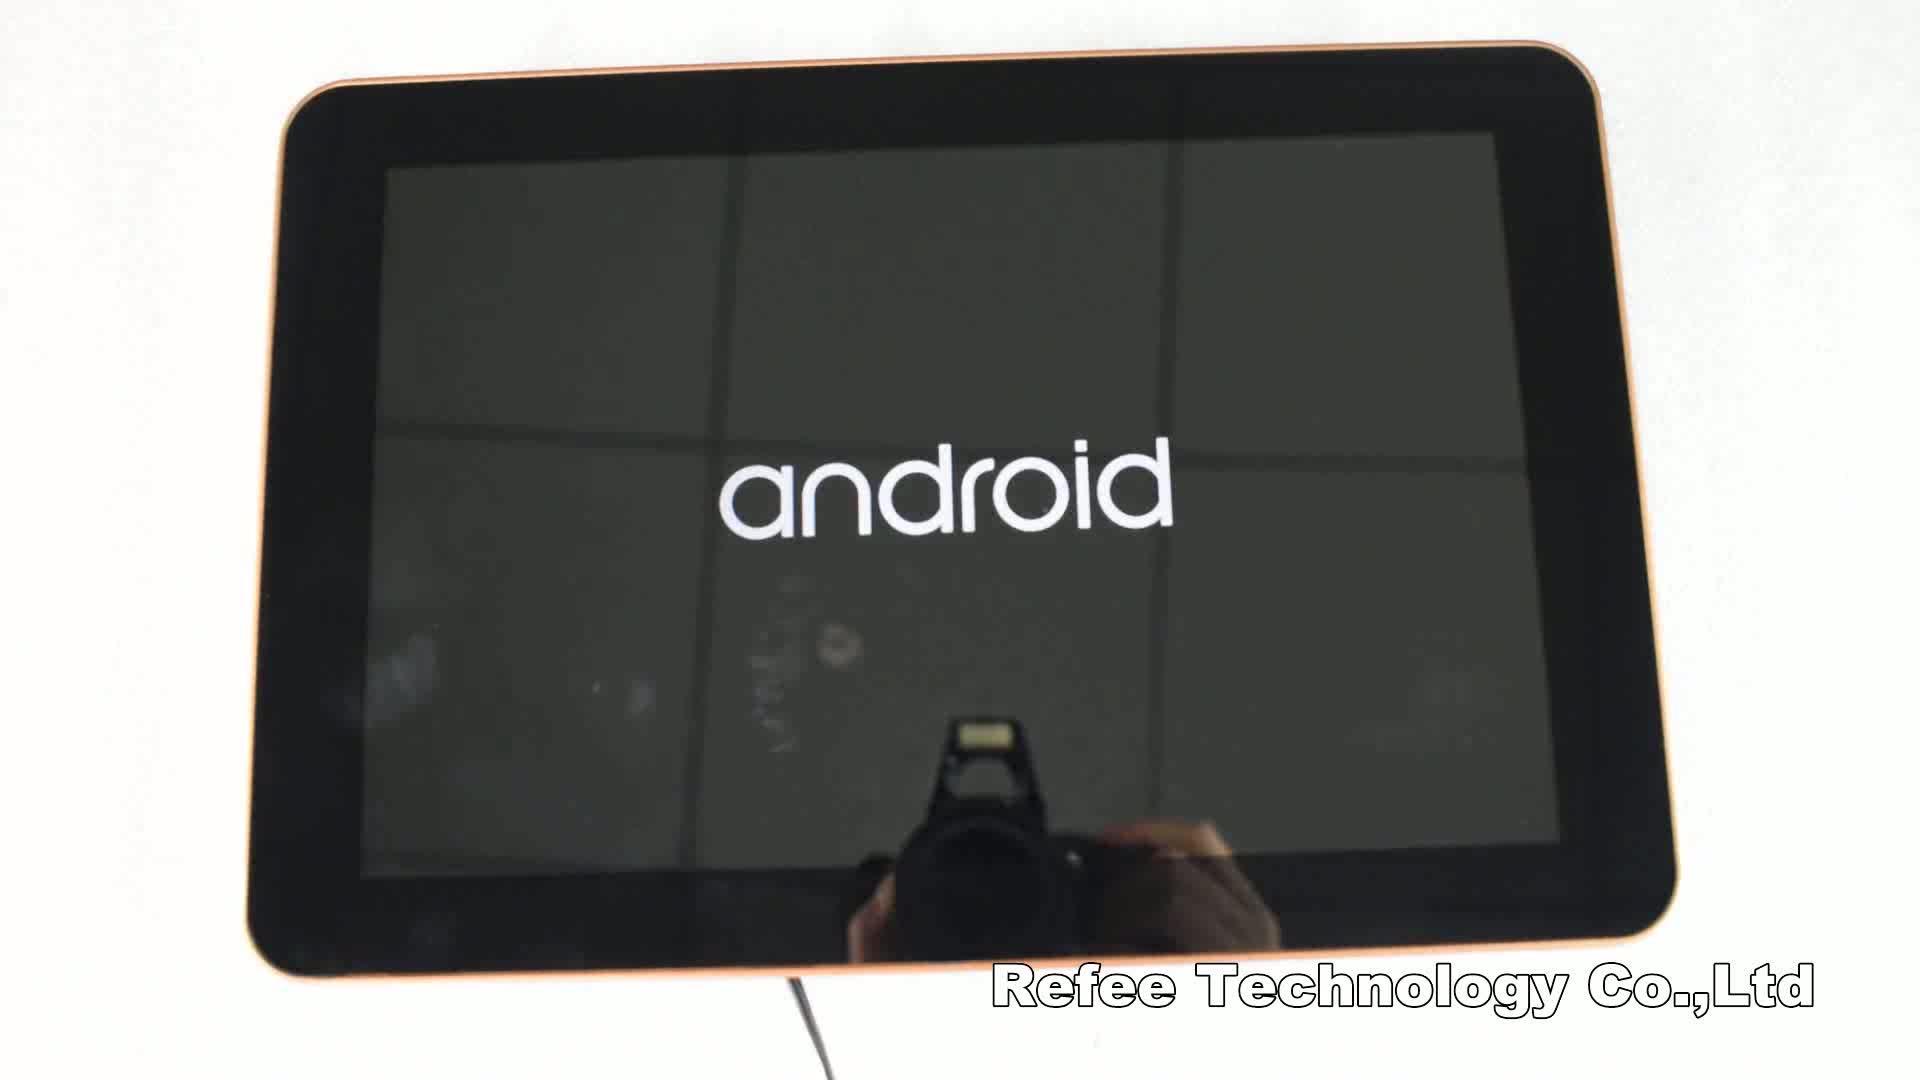 Android wifi lcd monitör reklam 9 taksi video reklam oyuncu lcd araba monitör